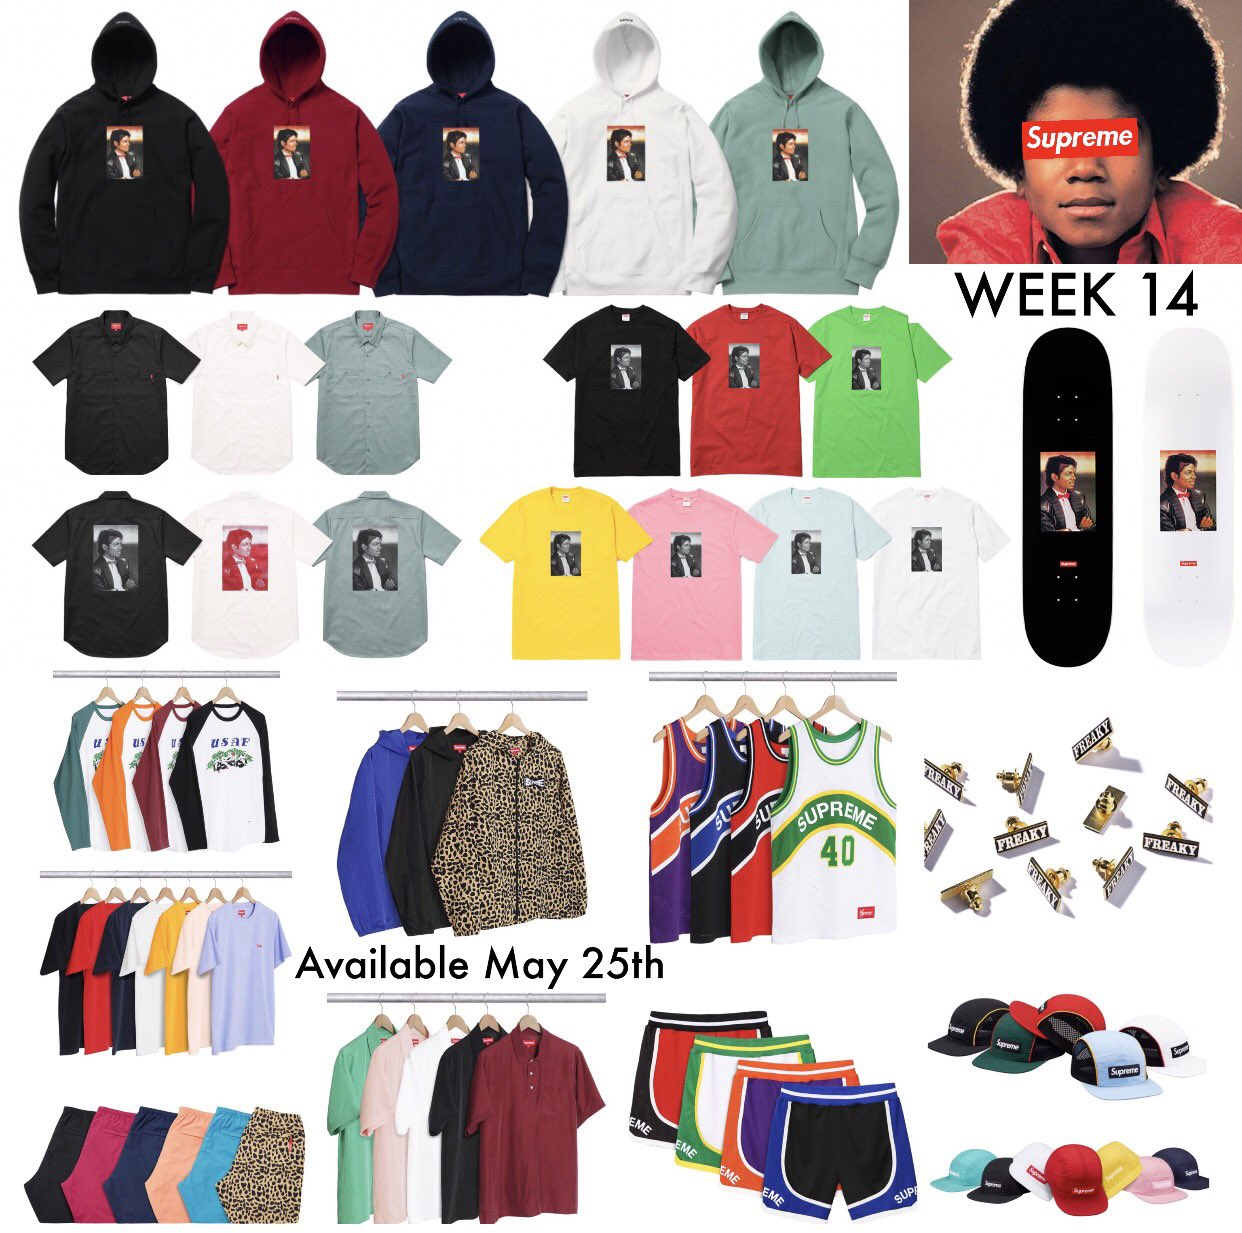 Supreme Week 14